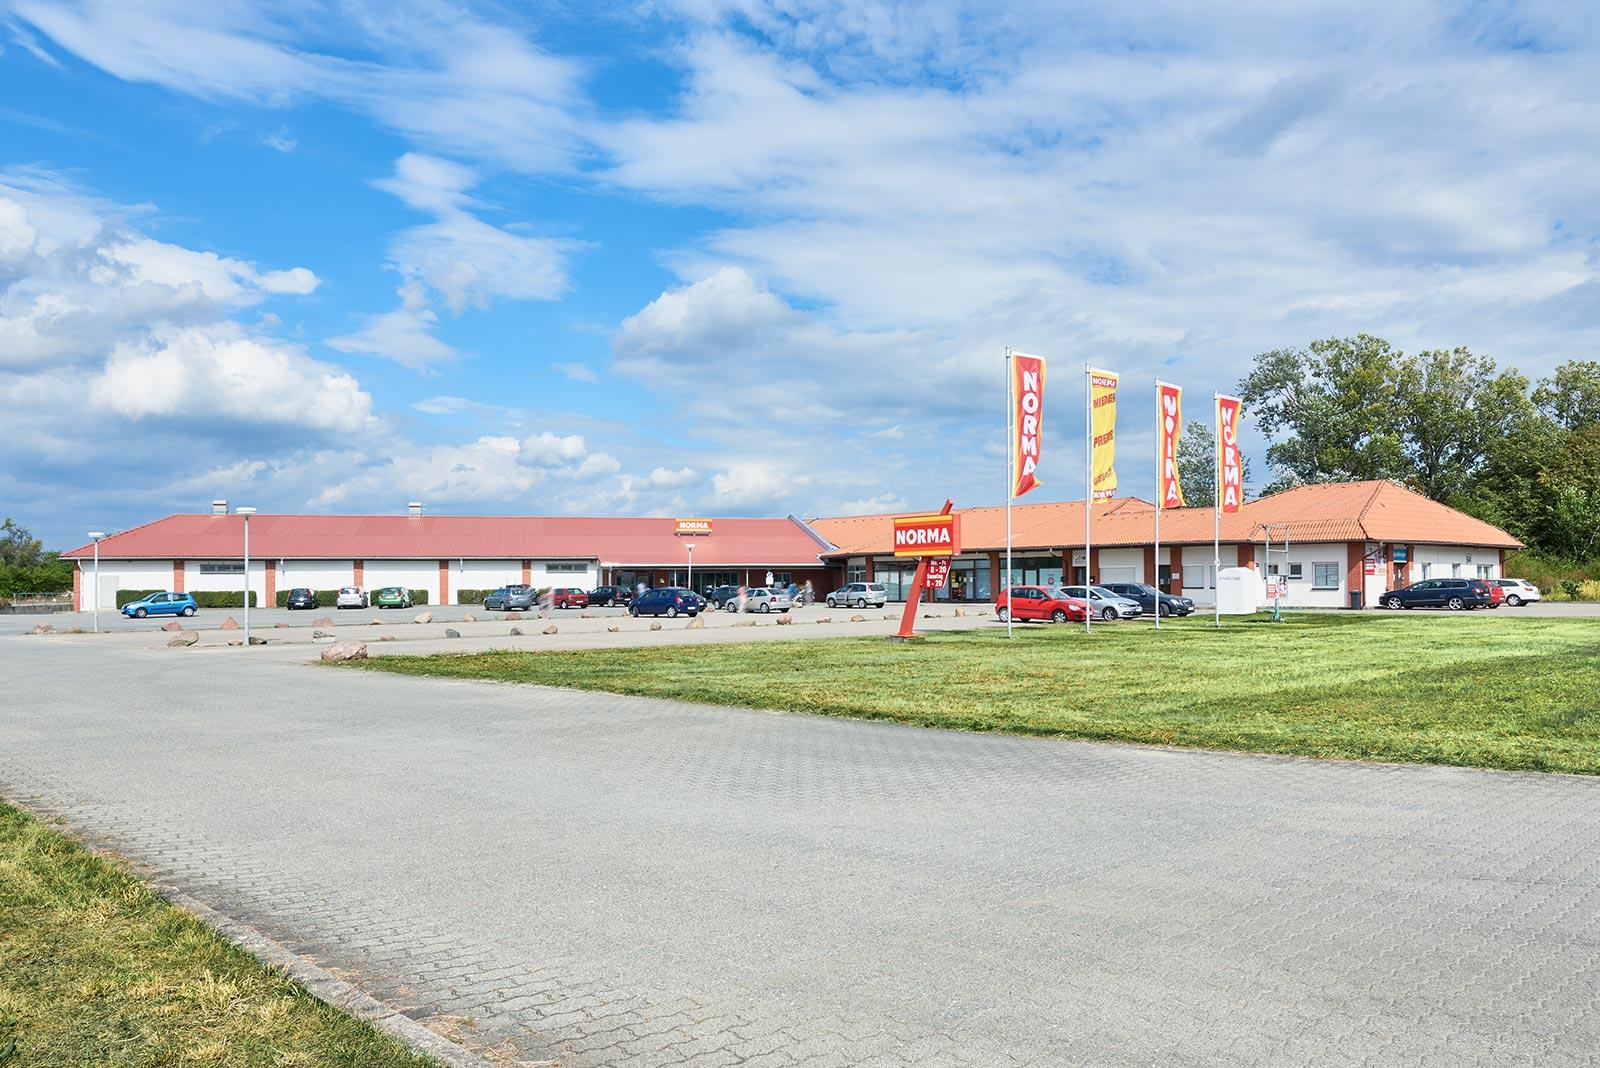 Immobilie in Dessau-roßlau (Rodleben): Einkaufsmarkt